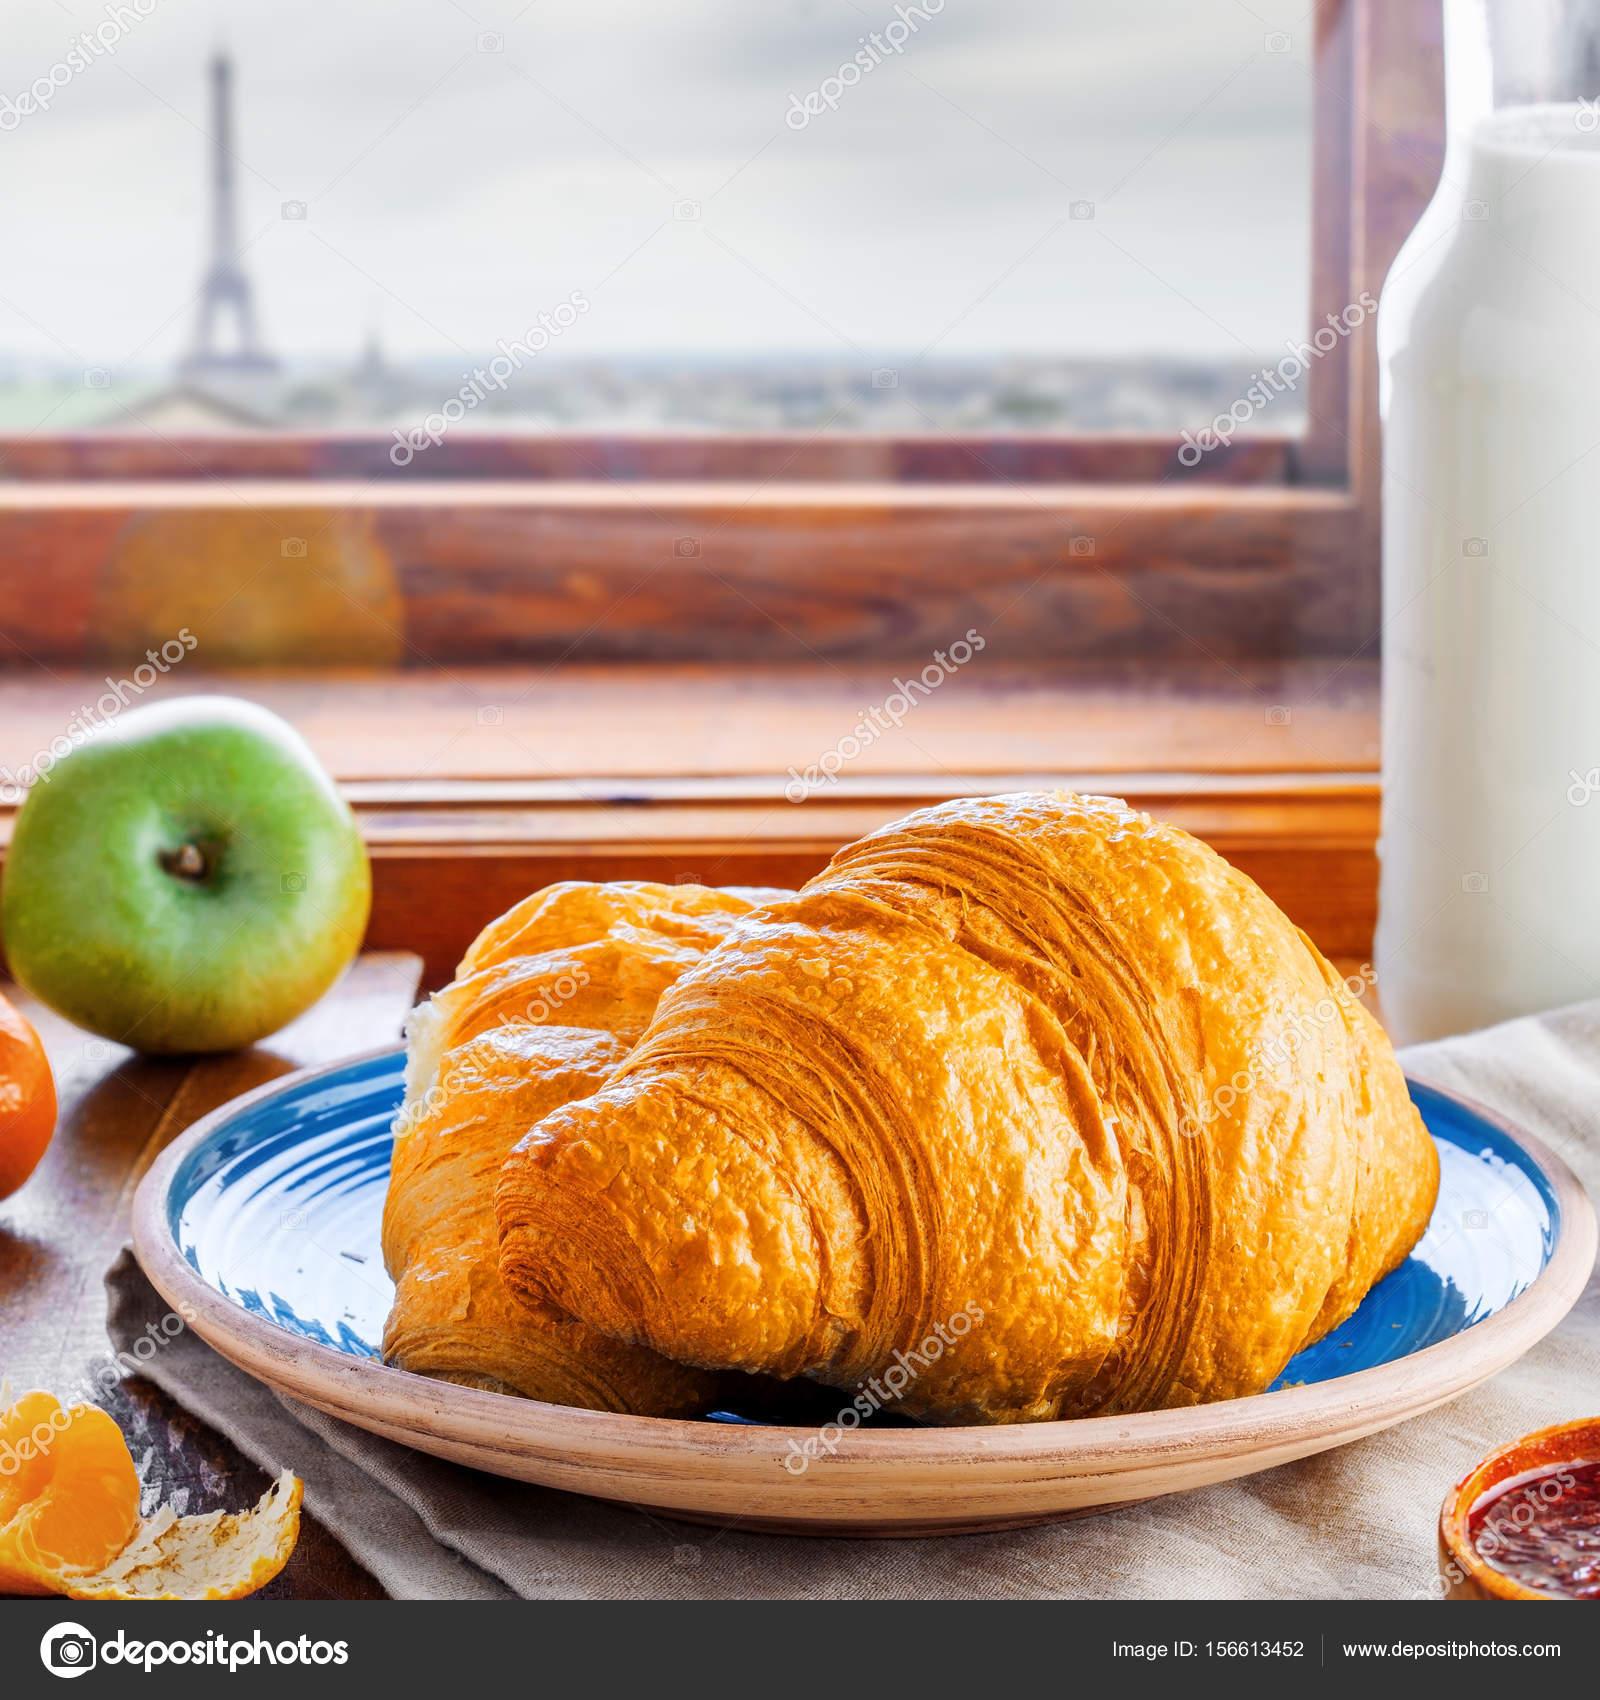 Klassische französische küche  Französische Croissants mit Marmelade, Milch, frisches Obst und ...